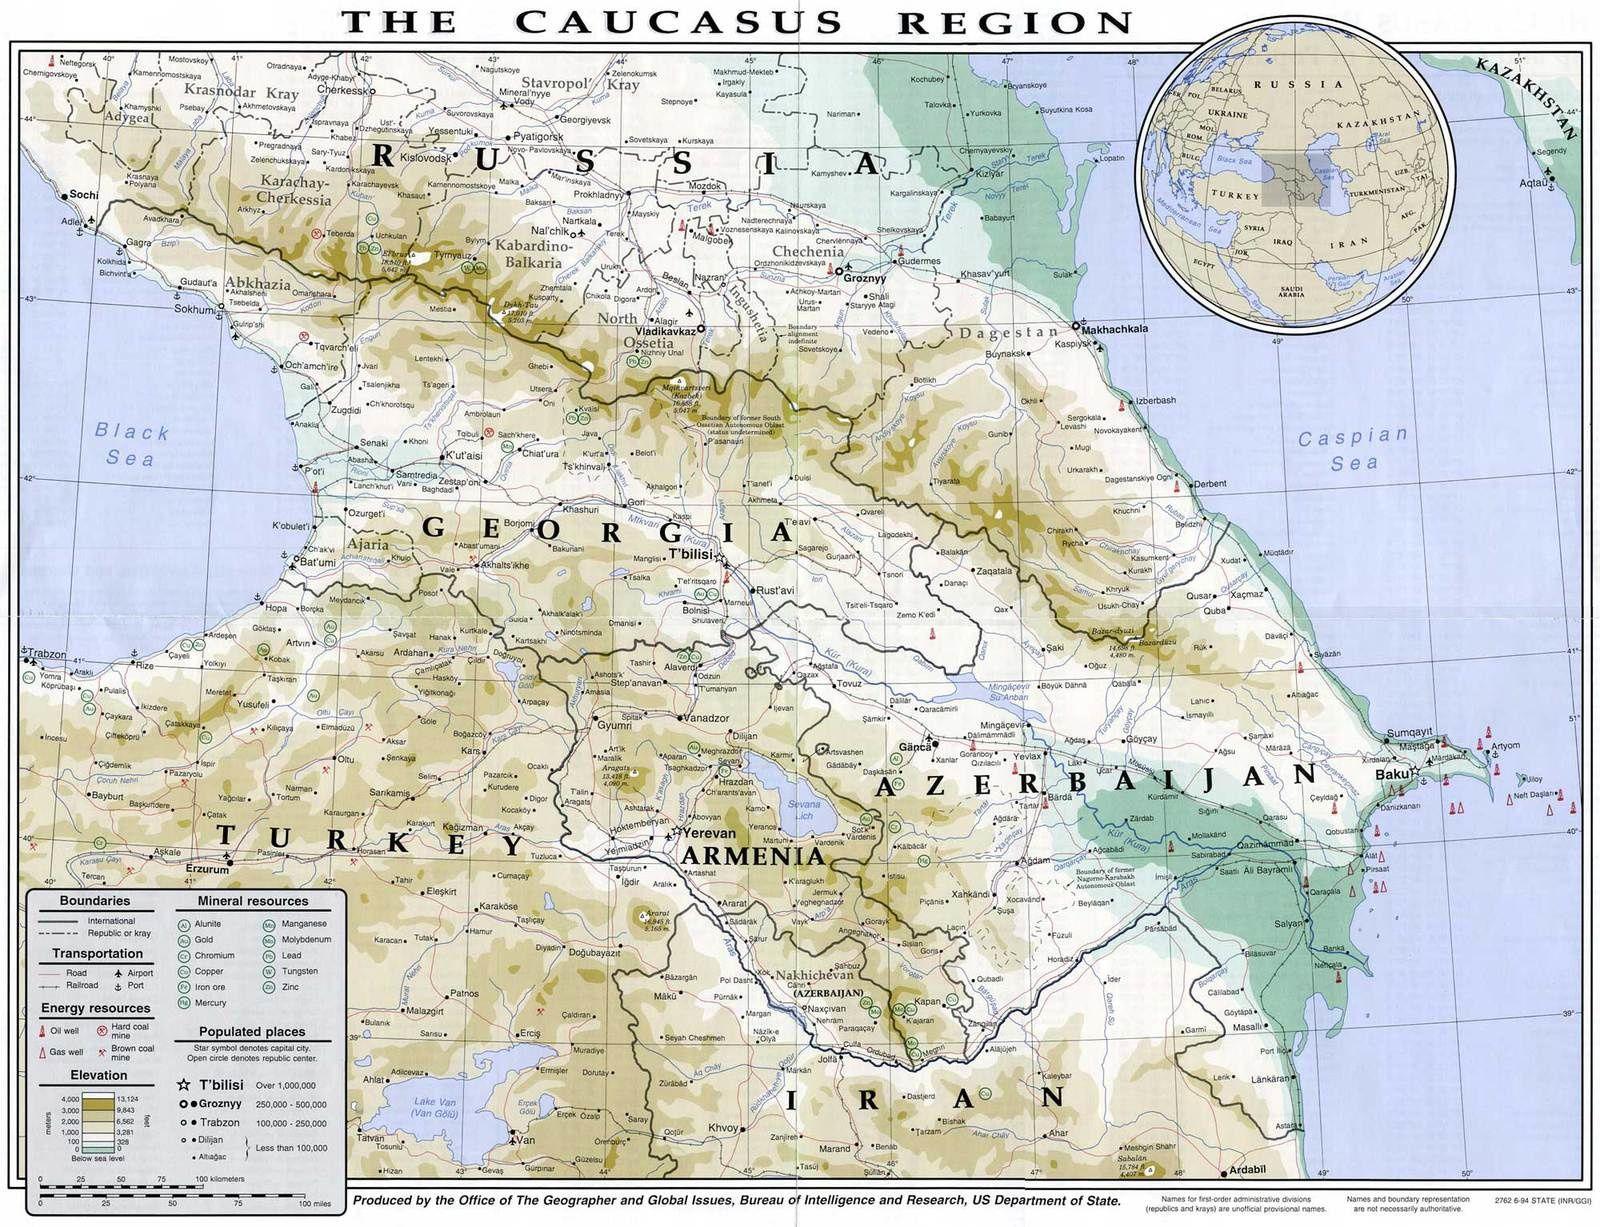 Carte des régions du Caucase. La République de Tchéchénie (capitale Grozny, dévastée lors de la 1e et de 2e guerre de Tchétchénie) se trouve au centre-est du Grand Caucase. Elle est traversée par le fleuve Terek qui se jette dans la mer Caspienne. Source de l'illustration: http://www.populationdata.net/images/cartes/caucase_region.jpg Gr